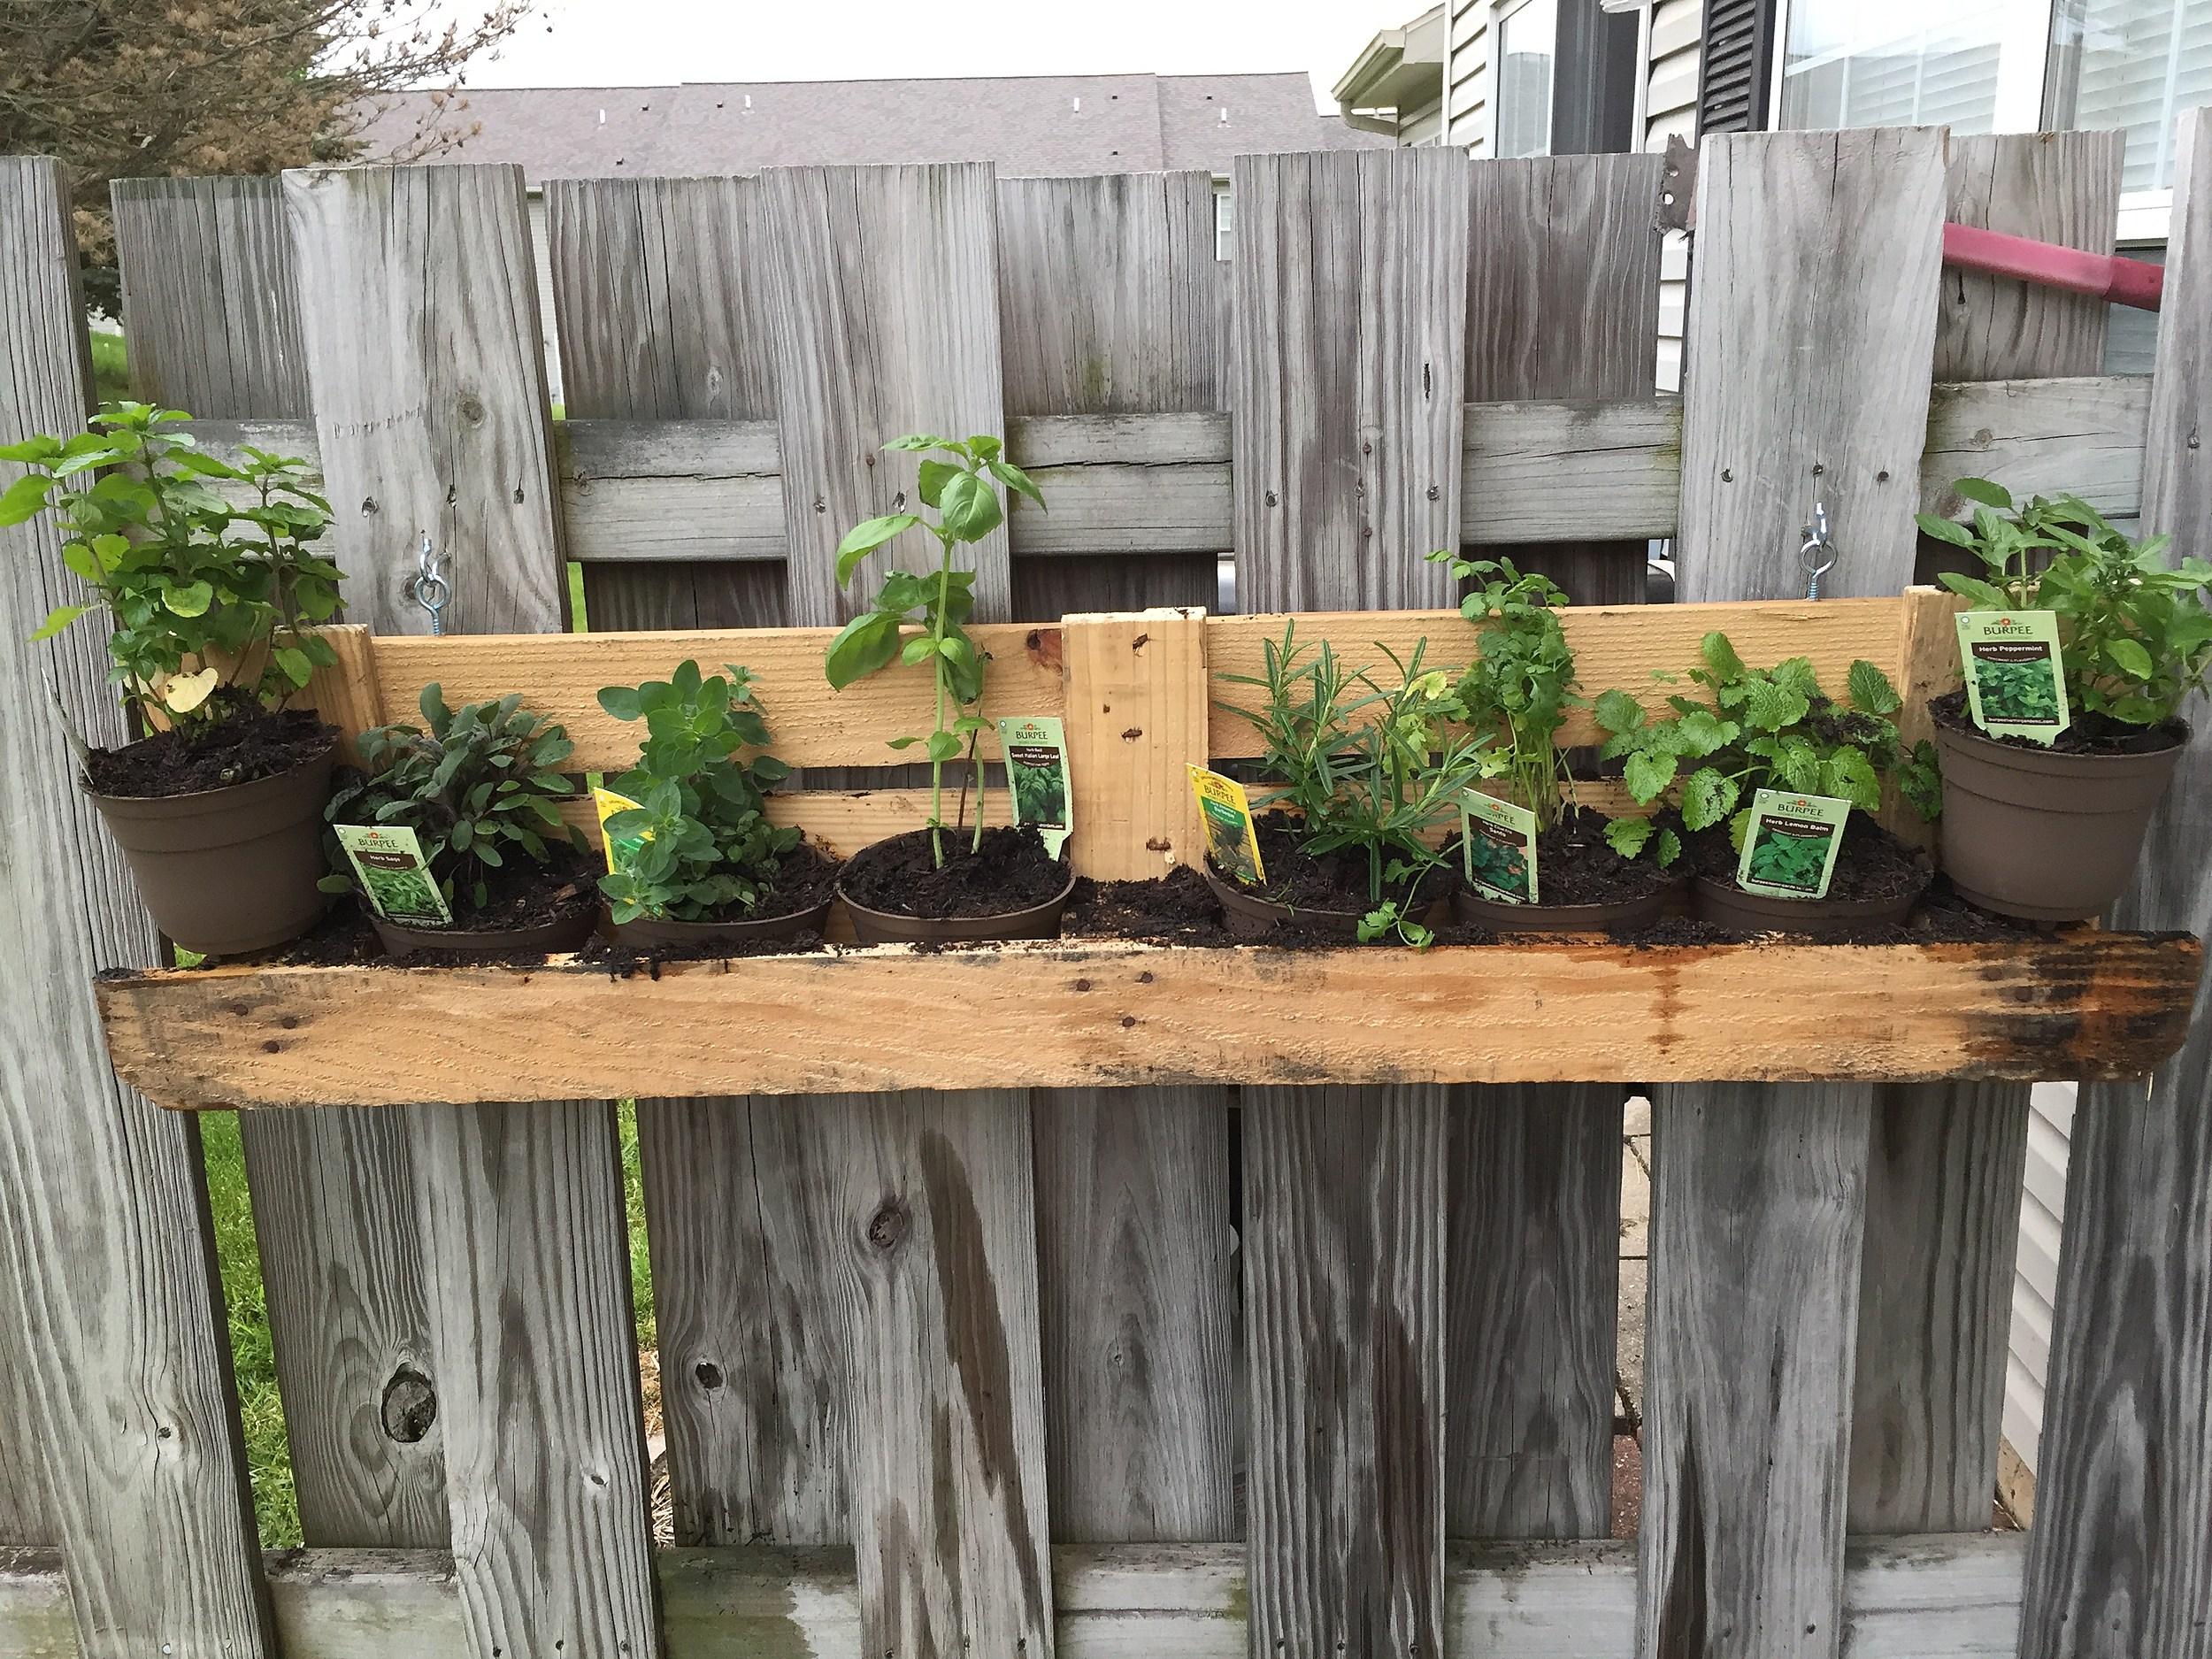 own hanging herb garden